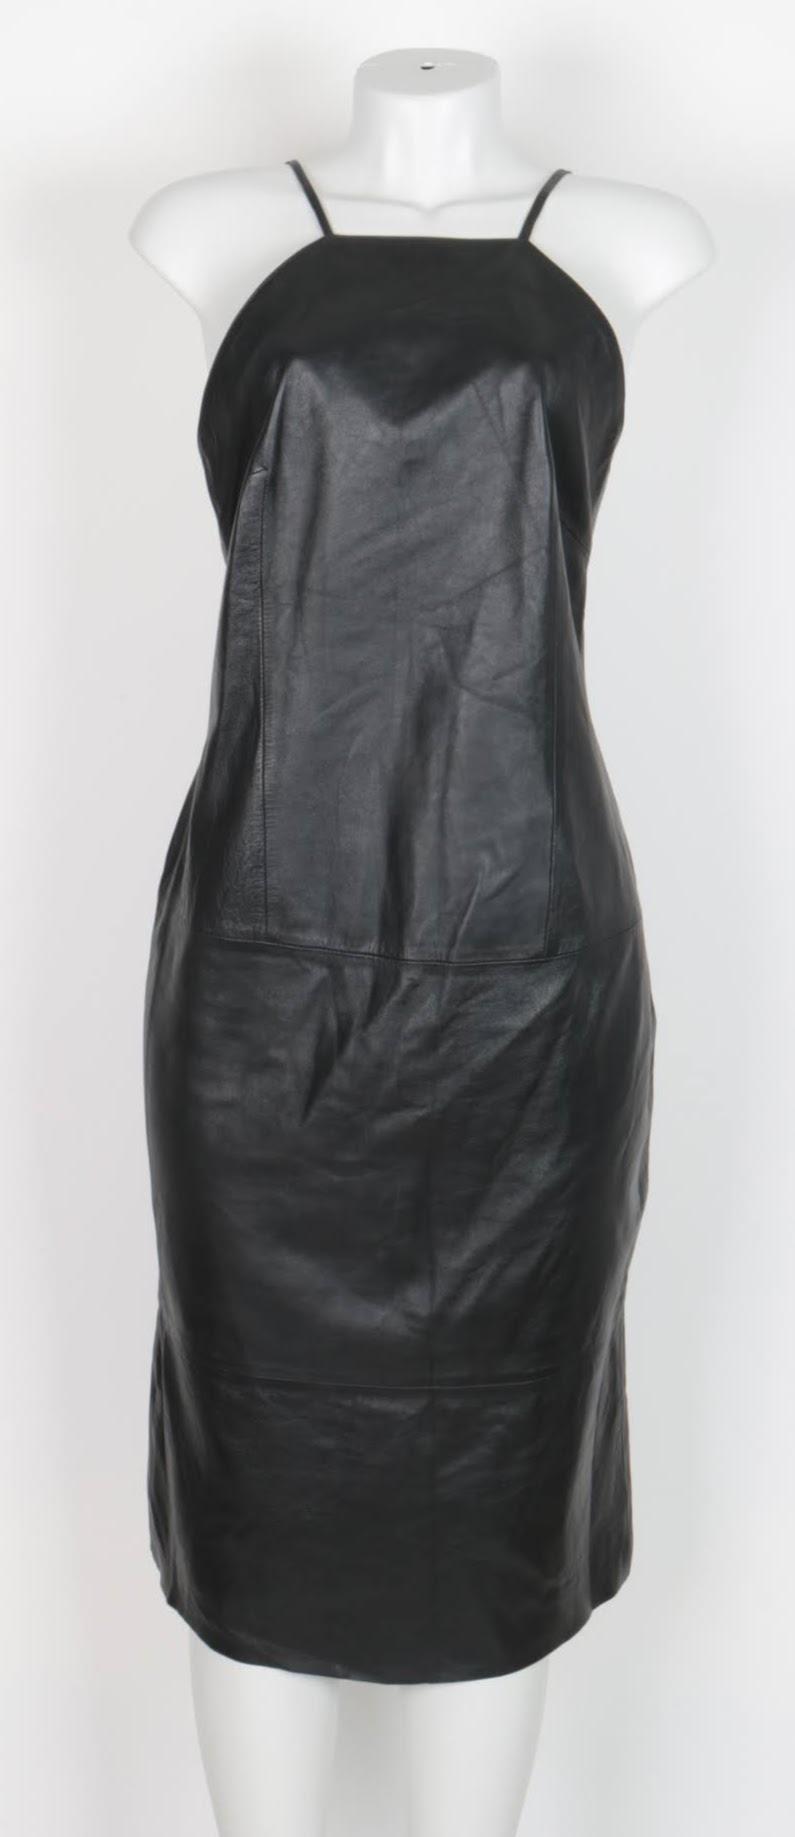 Vestido - A.BRAND